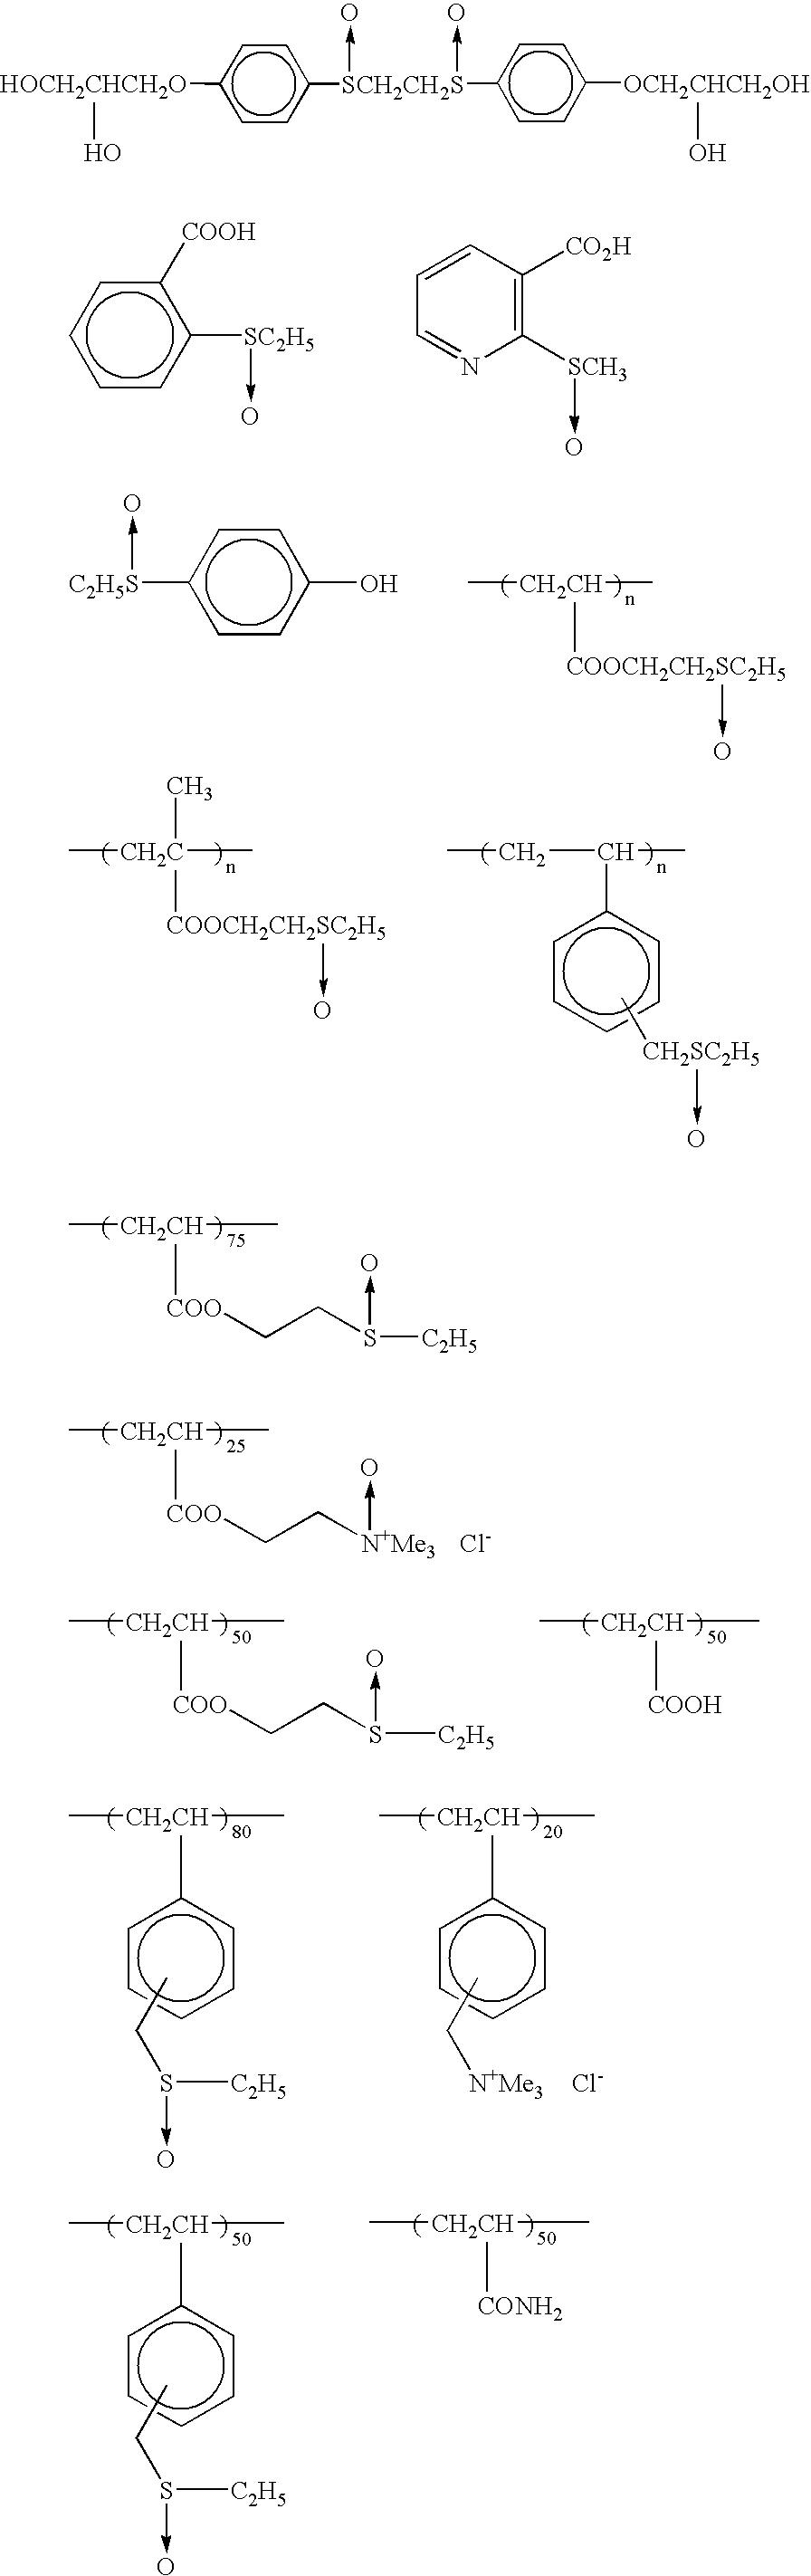 Figure US20040246321A1-20041209-C00163